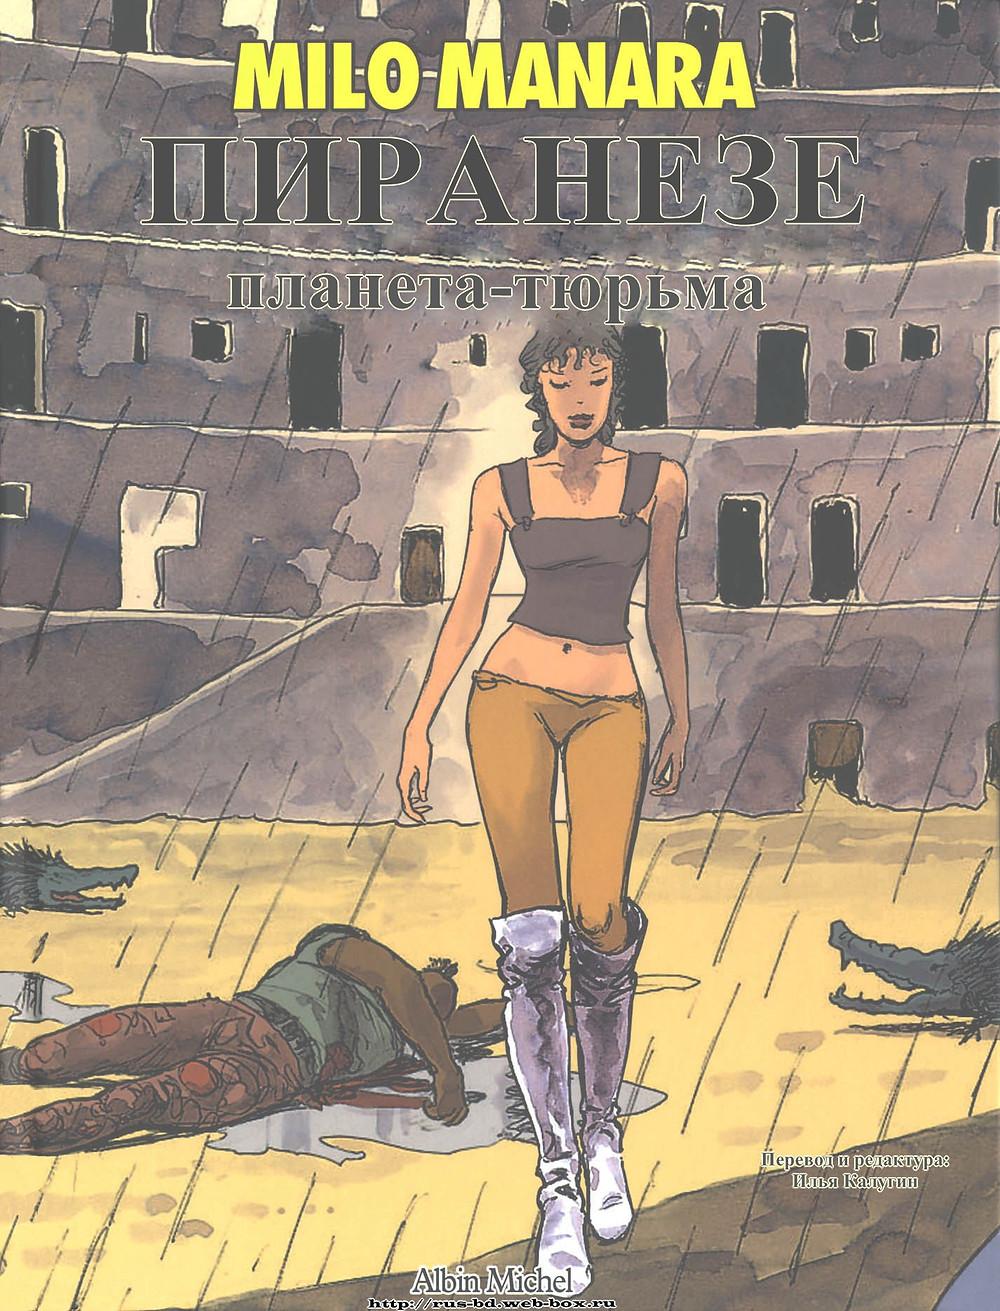 Эротический комикс на русском. Мило Манара. Пиранезе - планета тюрьма. Страница 1